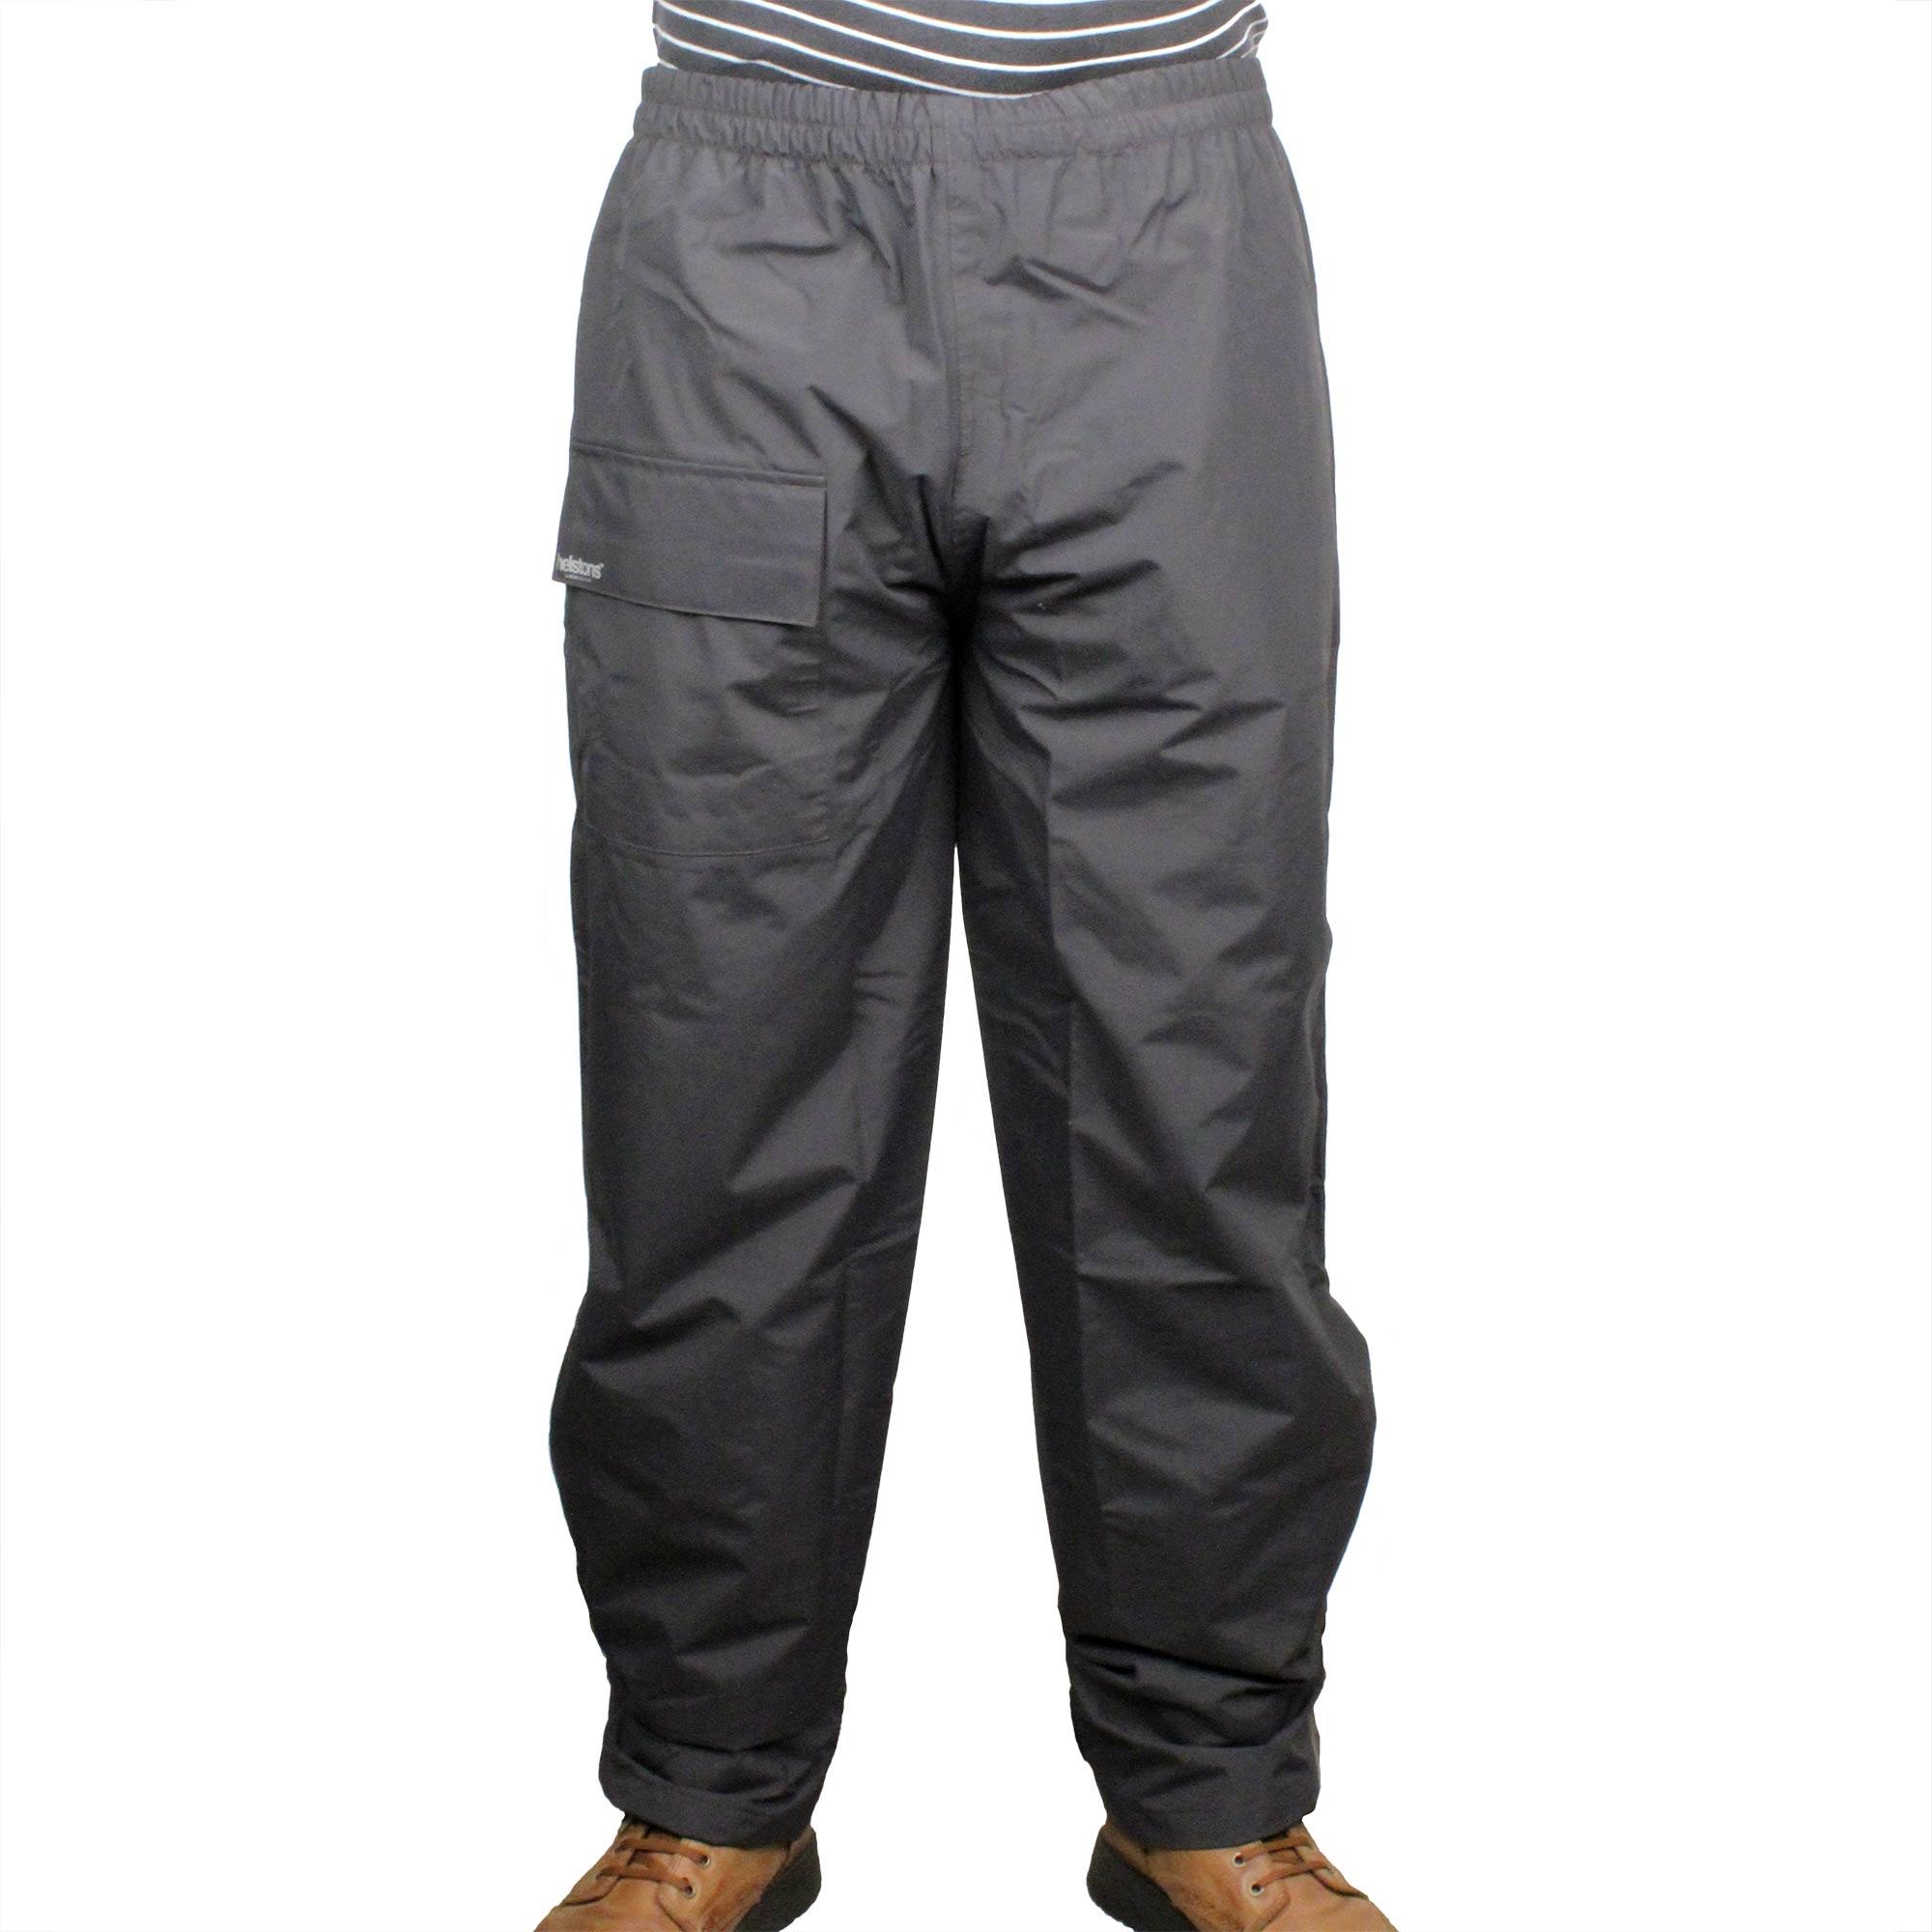 pantalon de pluie strom helstons vetement de pluie equipement pilote japauto accessoires. Black Bedroom Furniture Sets. Home Design Ideas